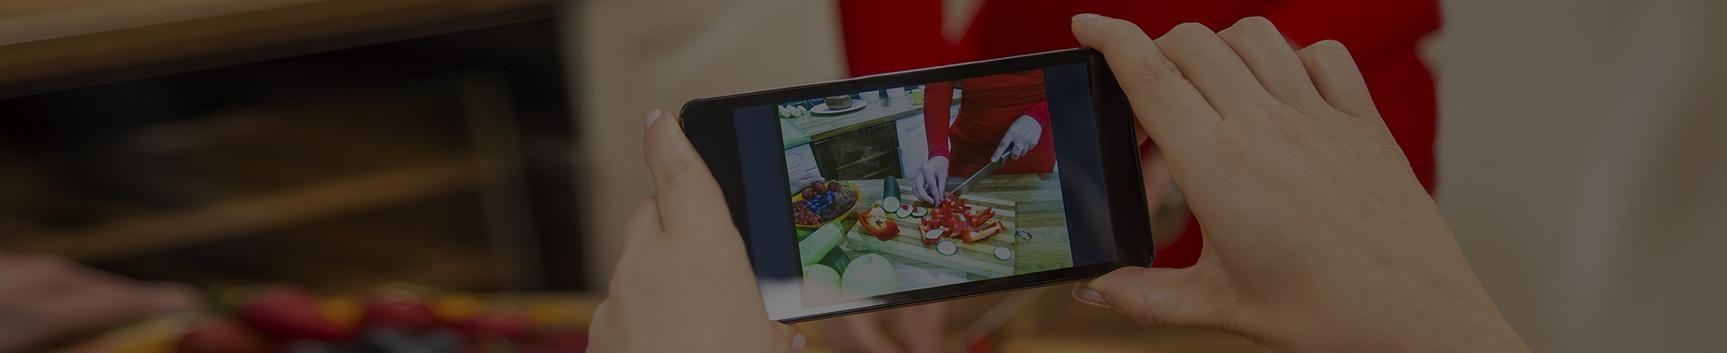 調理の様子を動画で撮影する